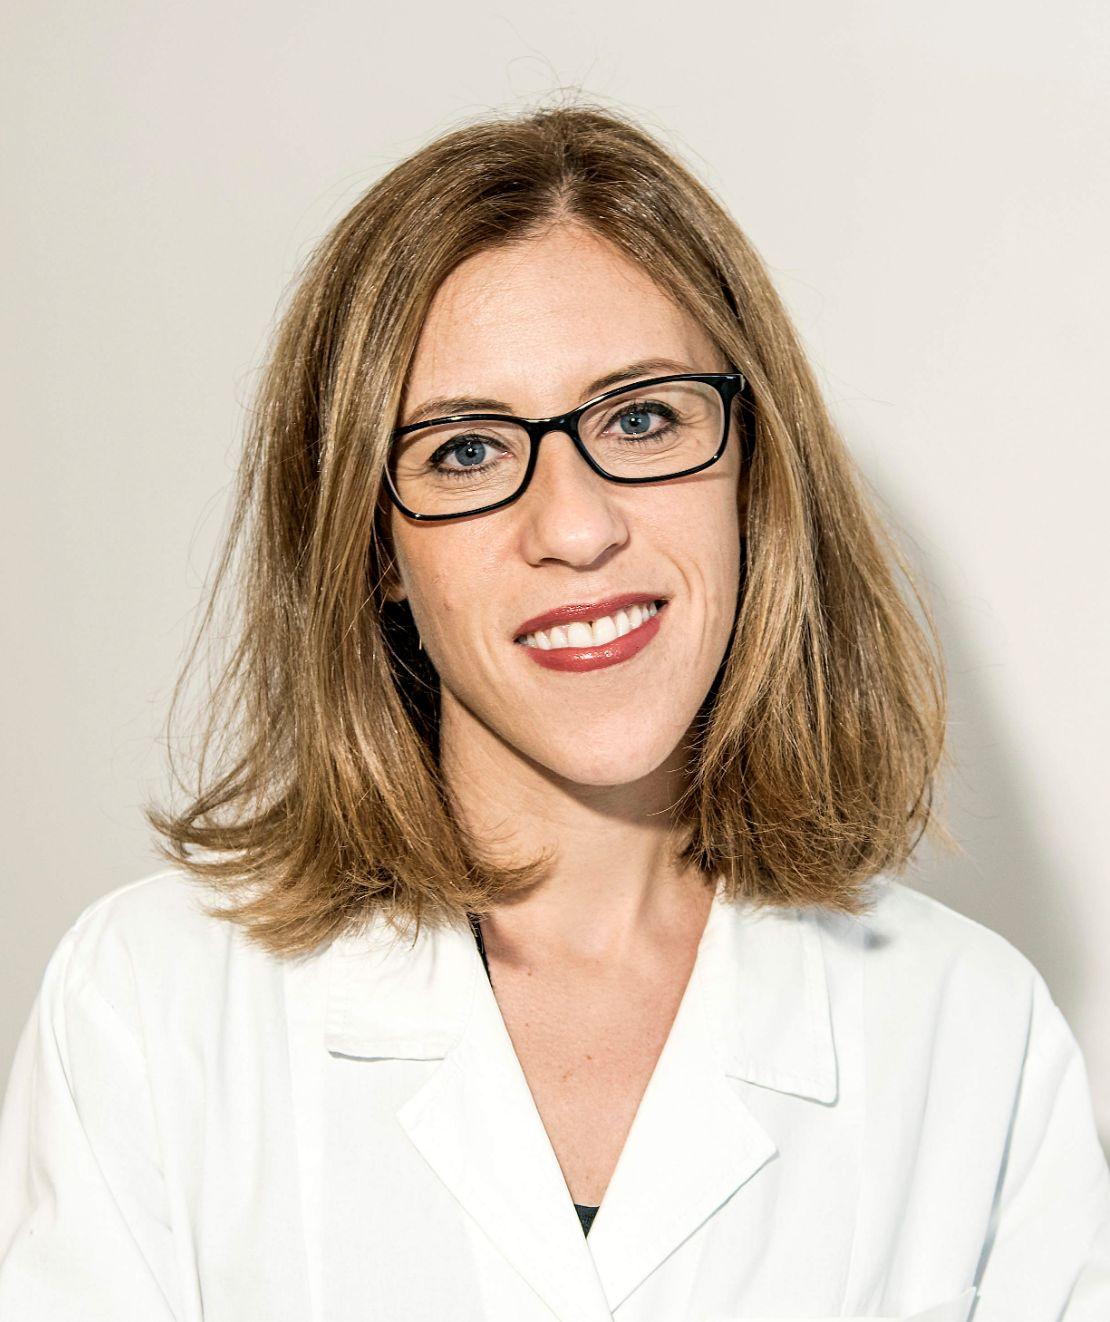 Chiara D'Amico